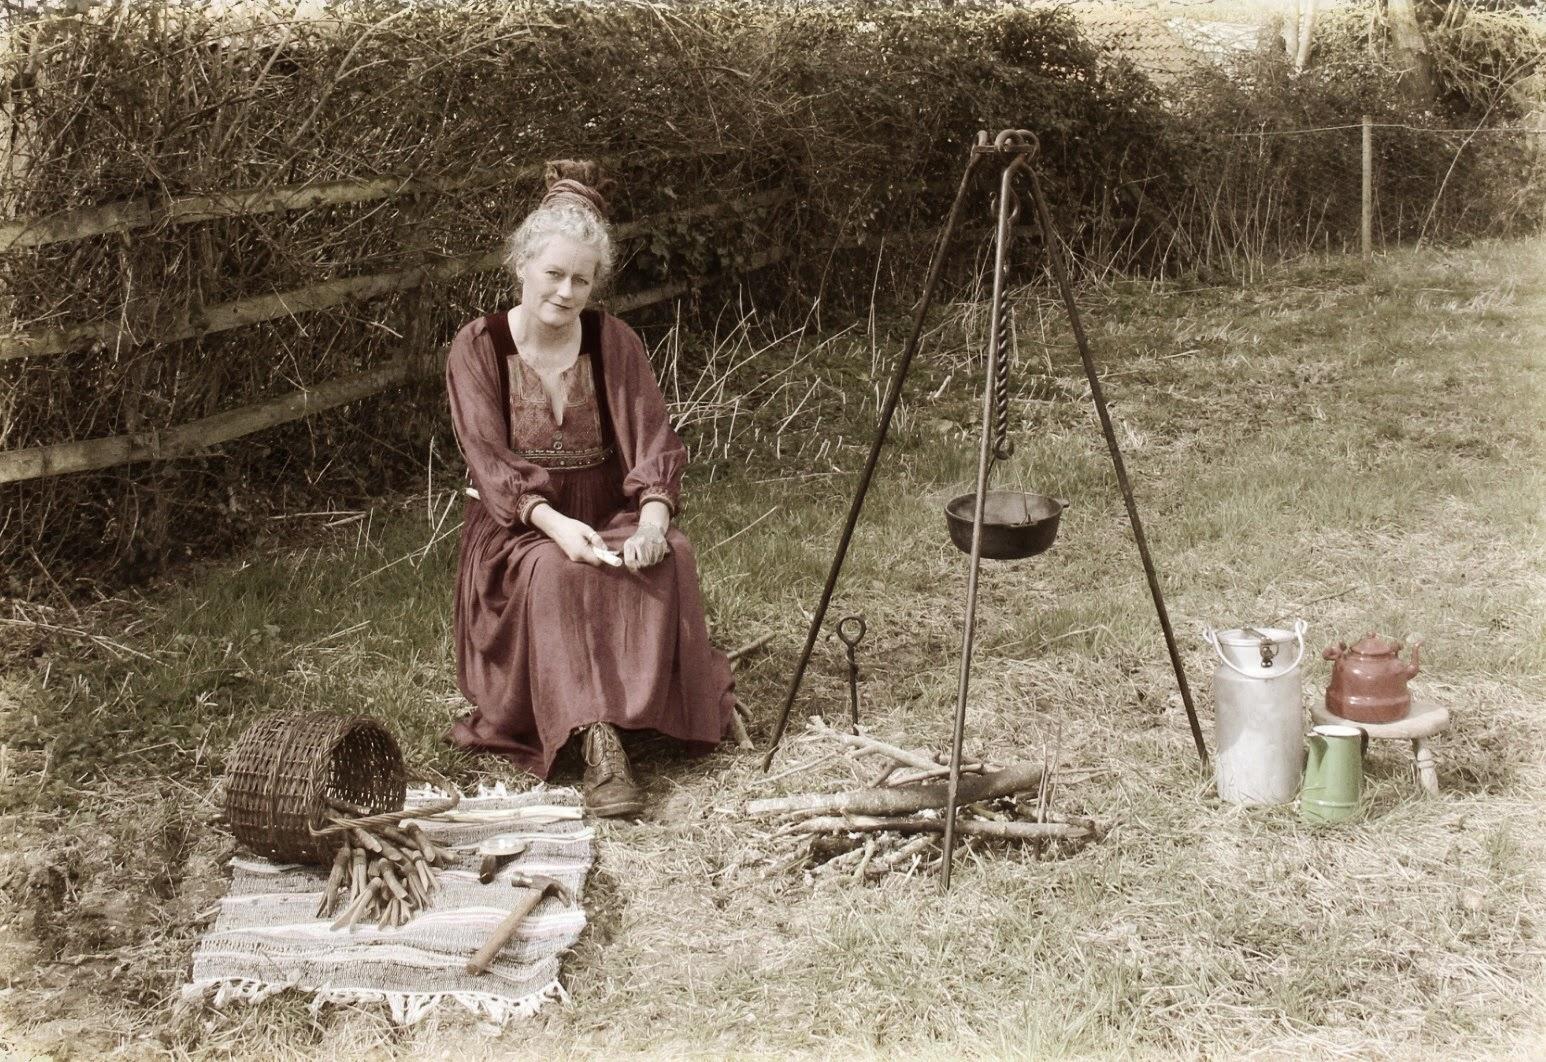 Making gypsy pegs